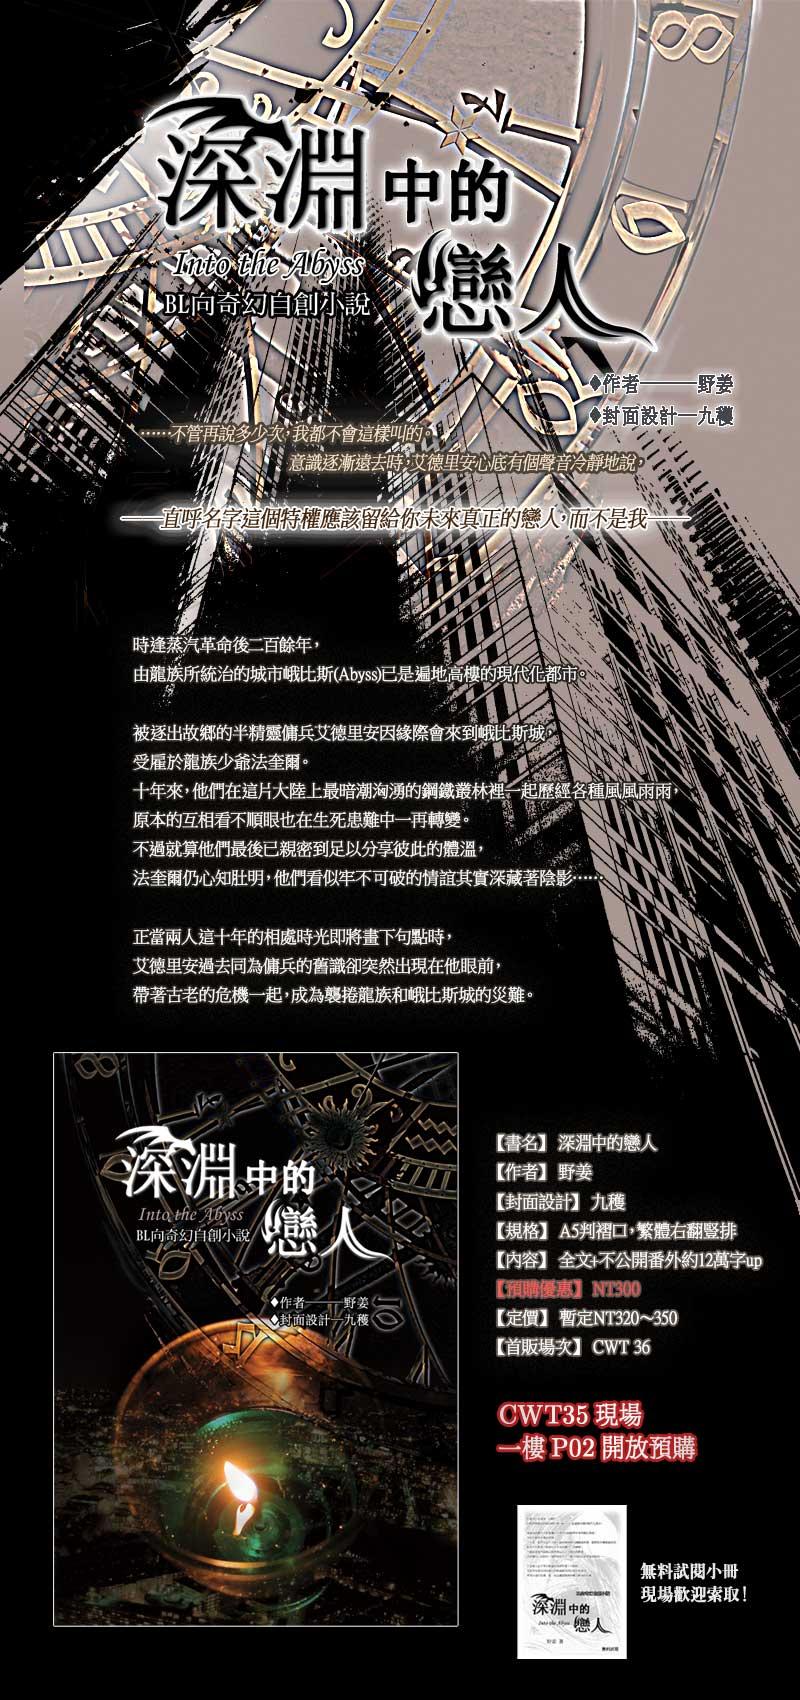 02《深淵中的戀人》新刊預購-改CWT35